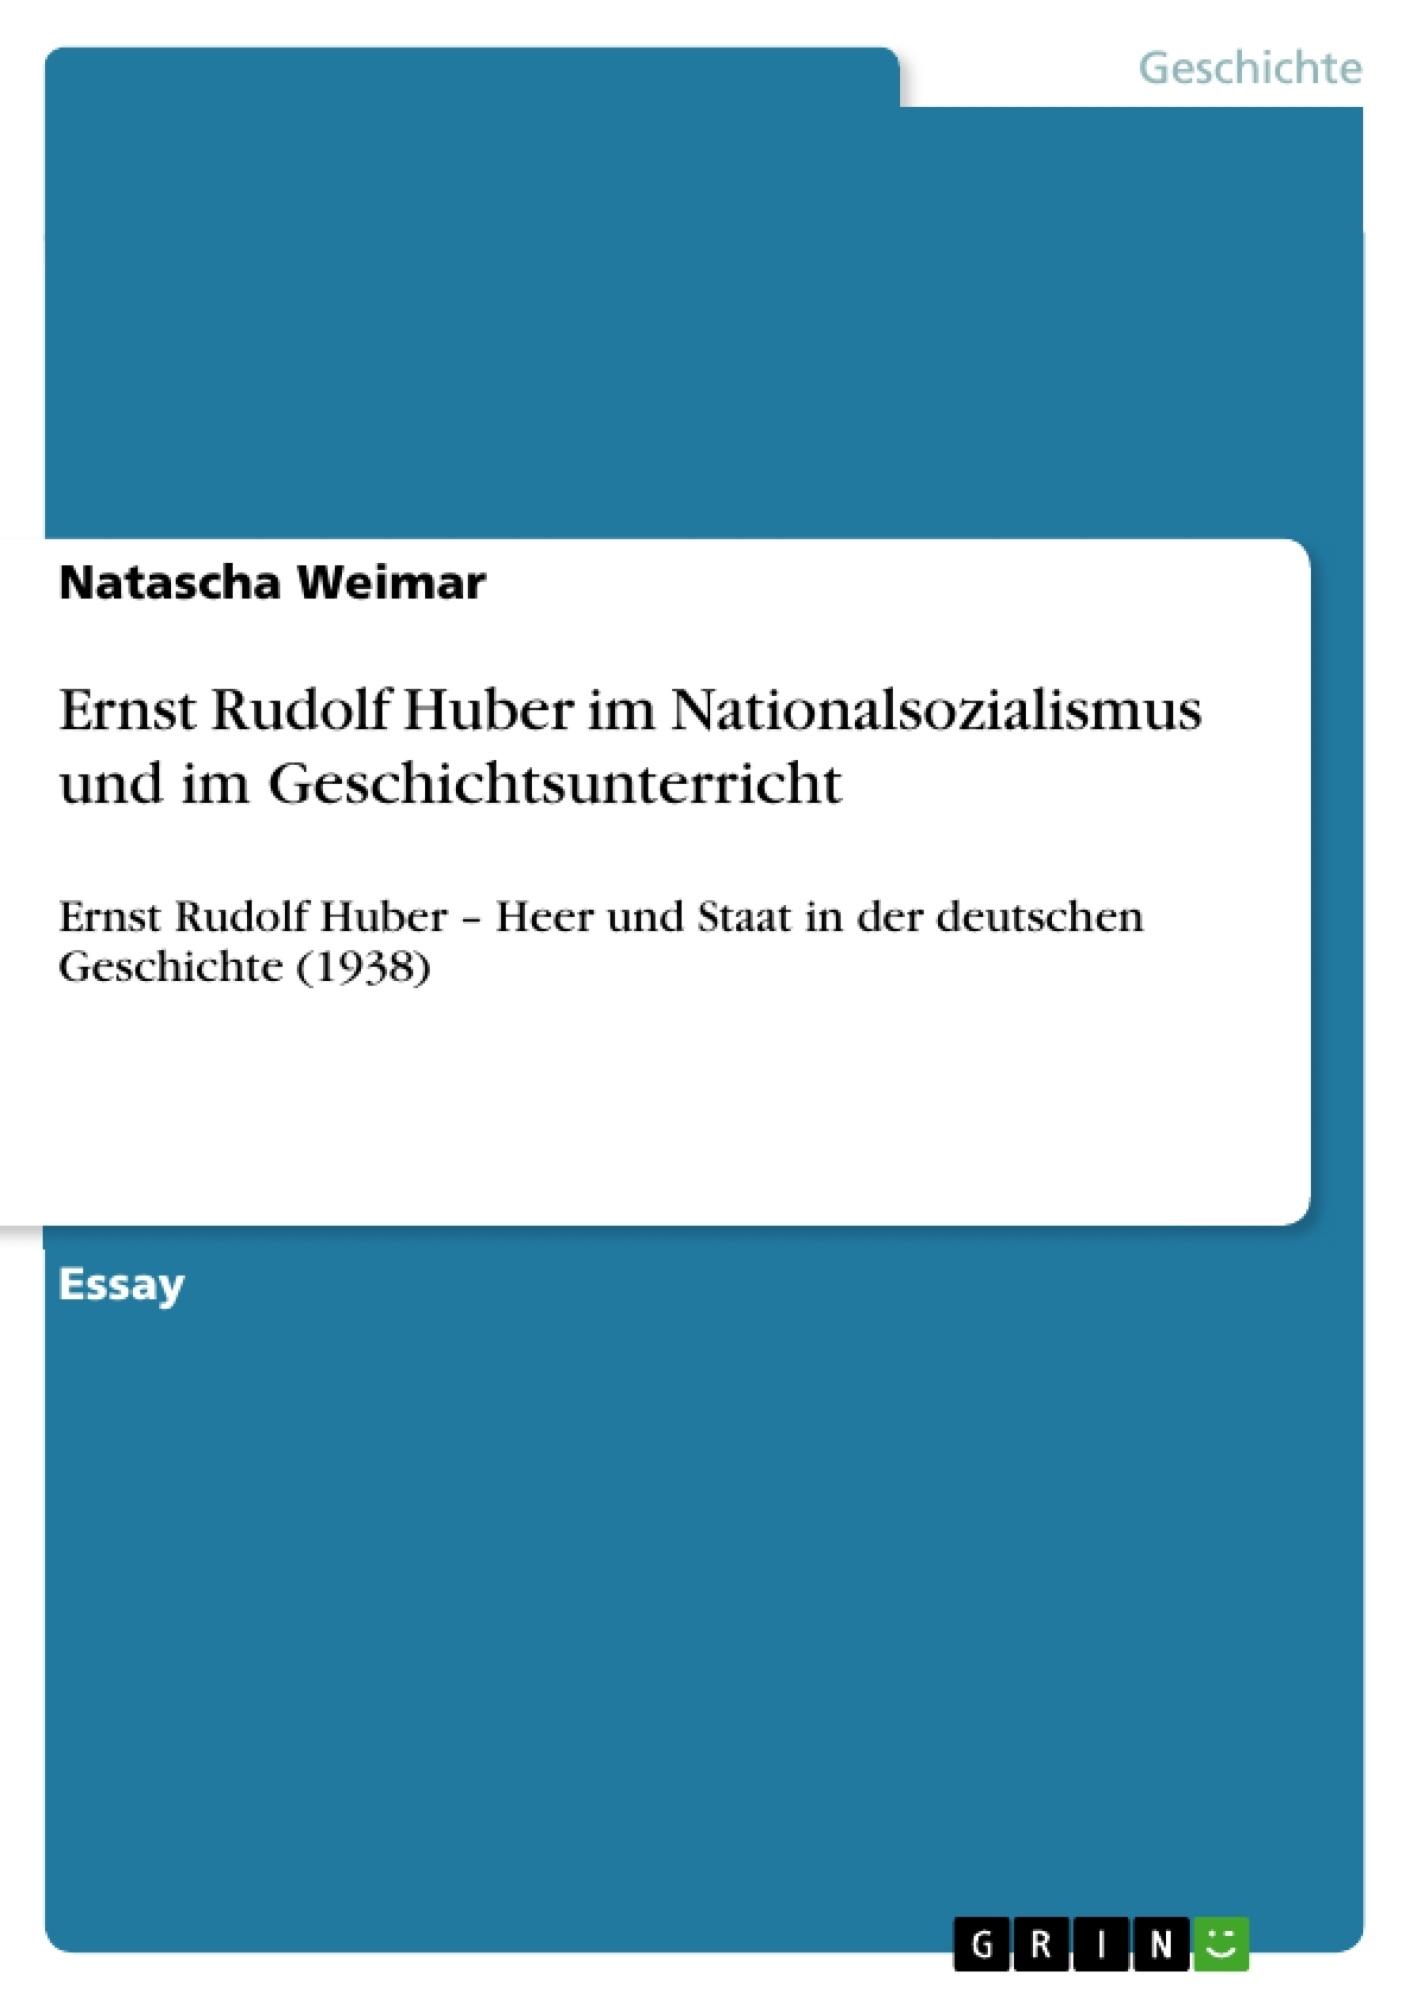 Titel: Ernst Rudolf Huber im Nationalsozialismus und im Geschichtsunterricht